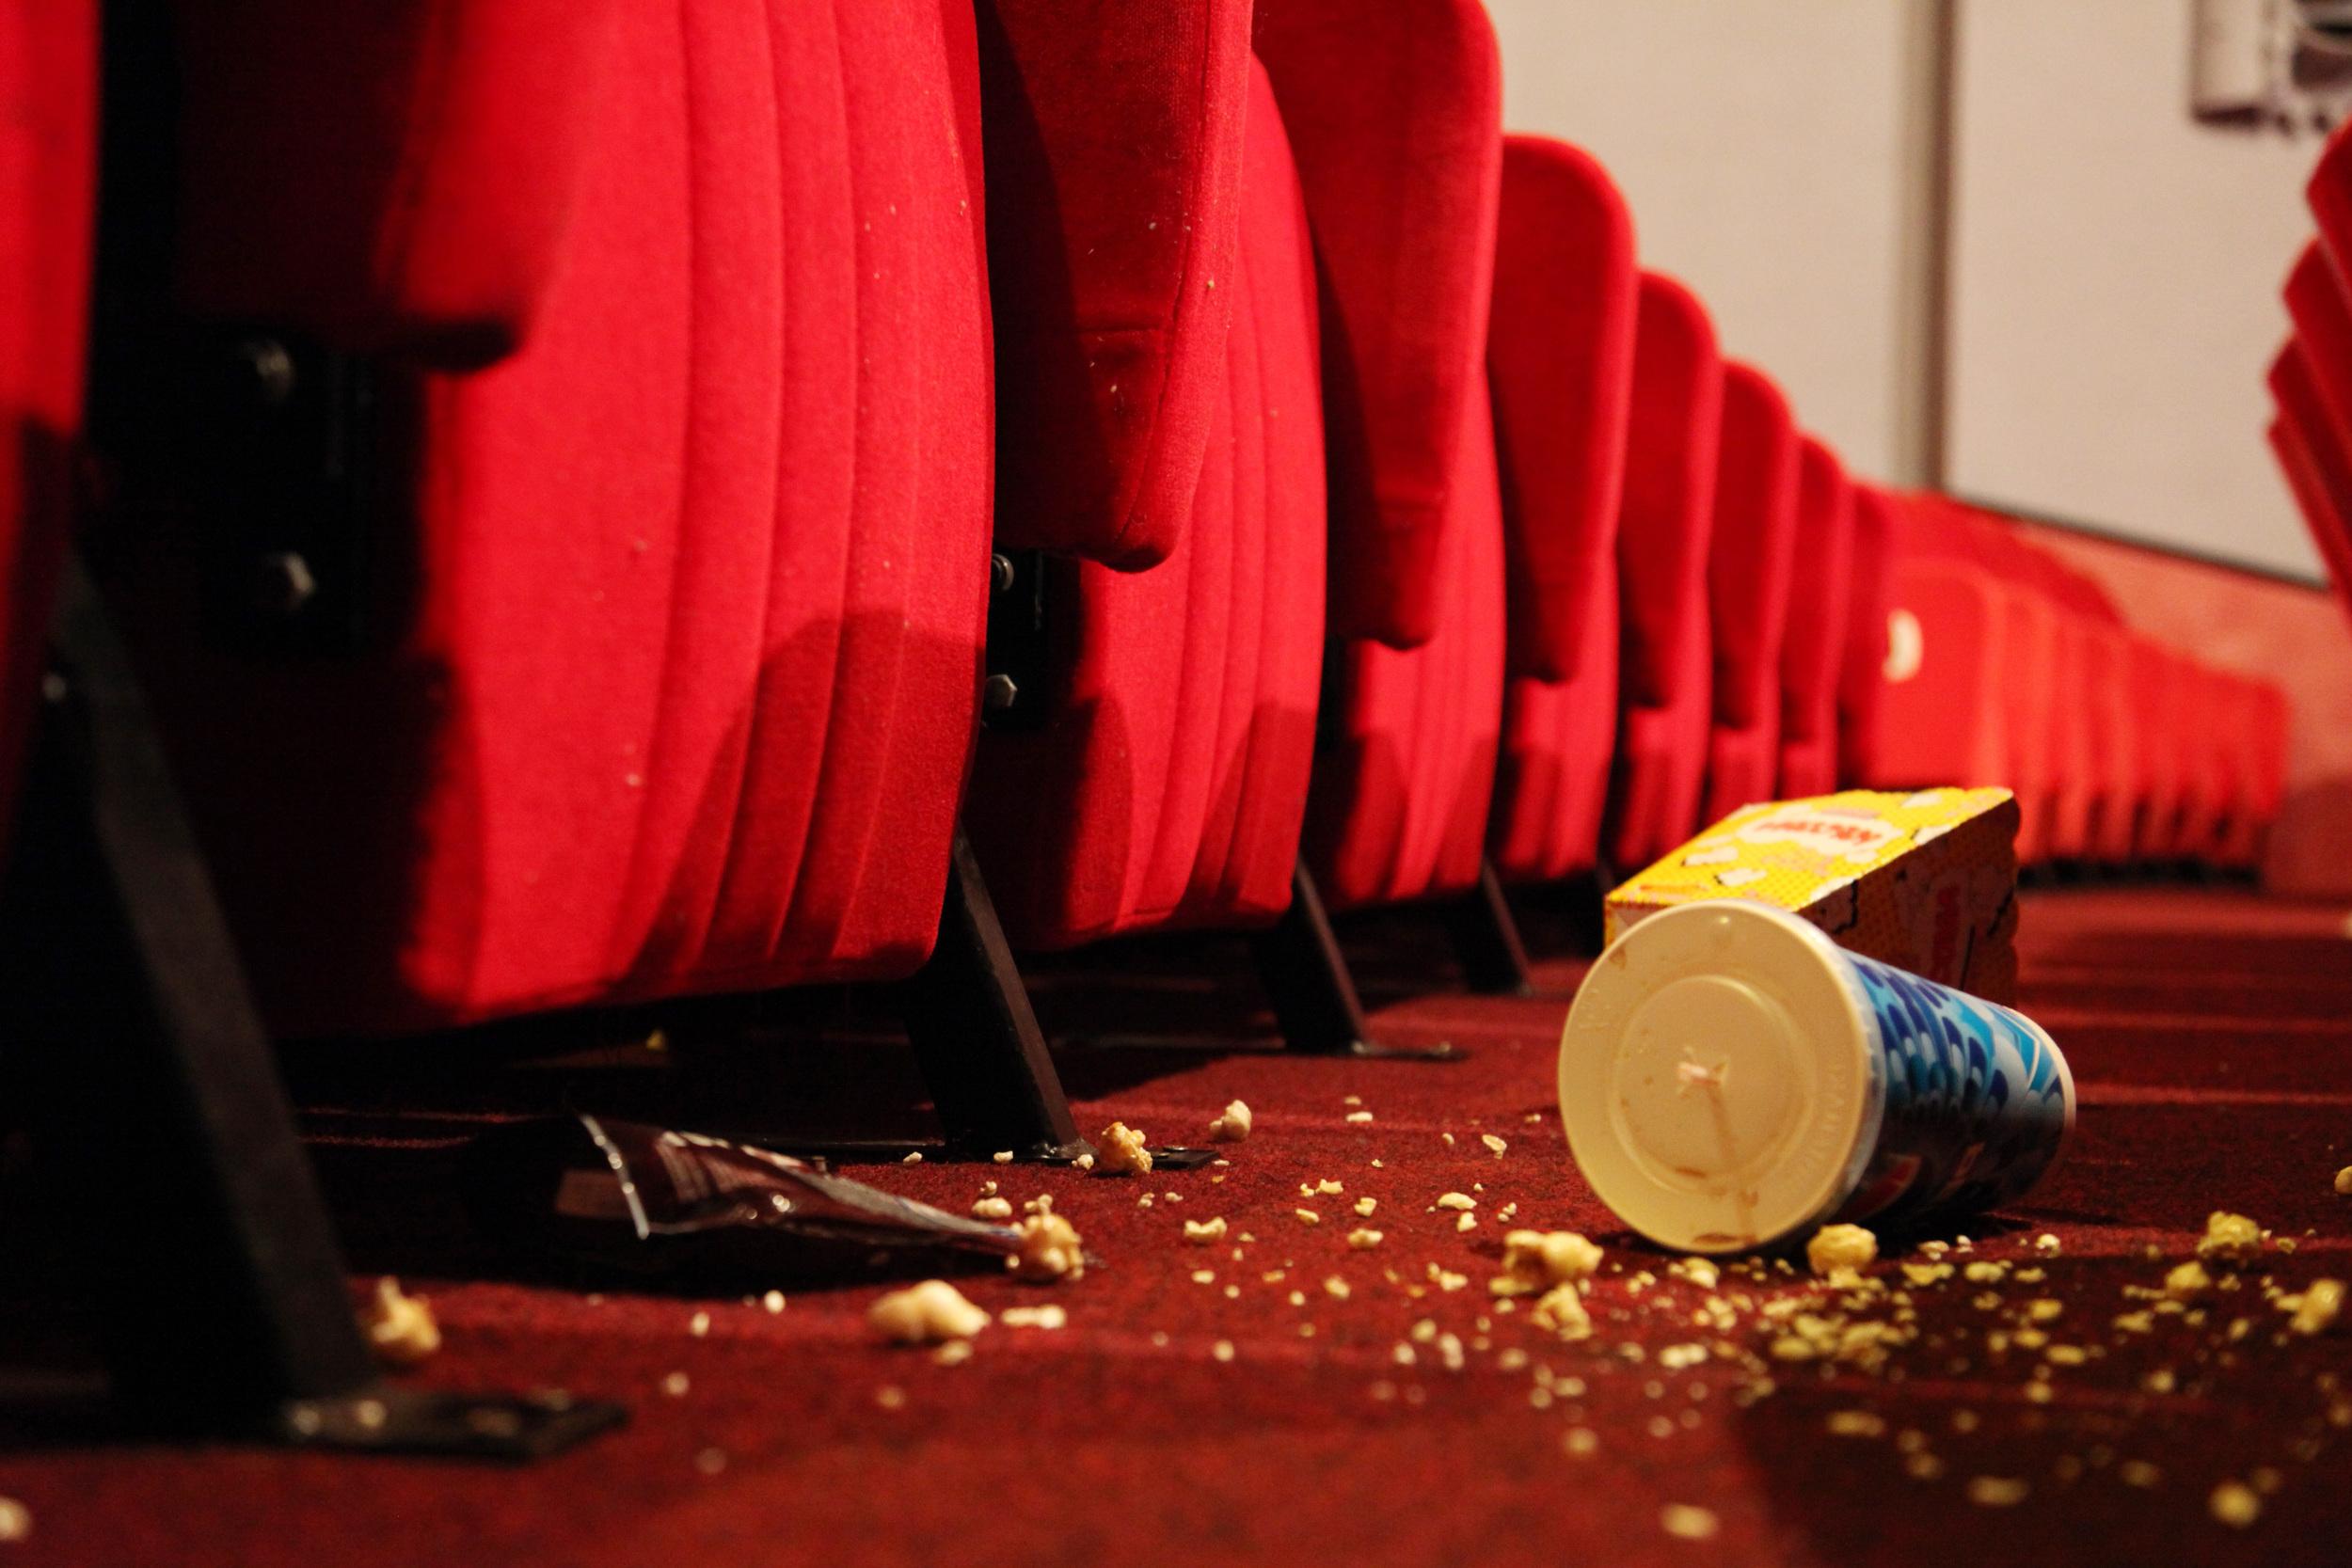 popcornanddrink.jpg